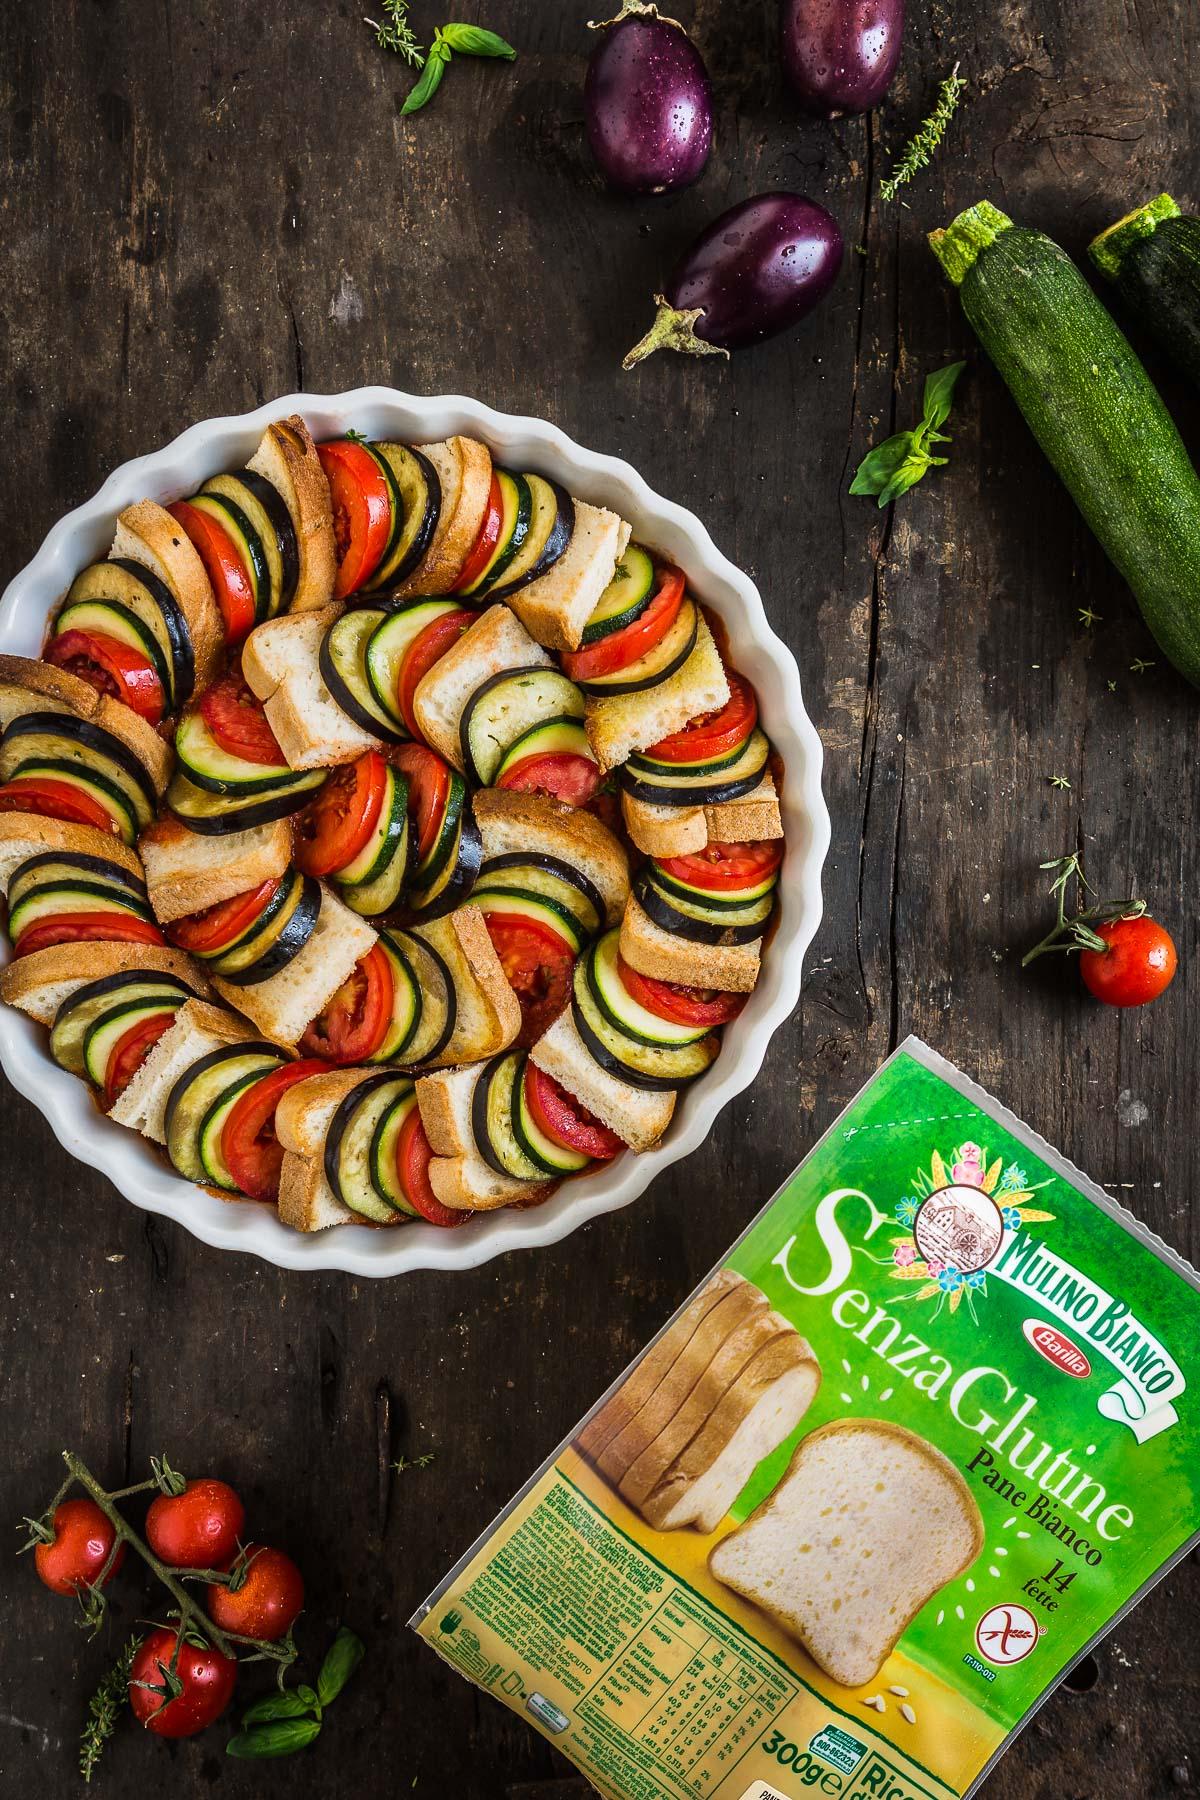 TIAN RATATOUILLE di pane senza glutine e verdure con melanzane zucchine pomodori - #vegetable VEGETABLE BREAD RATATOUILLE TIAN recipe #vegan #glutenfree